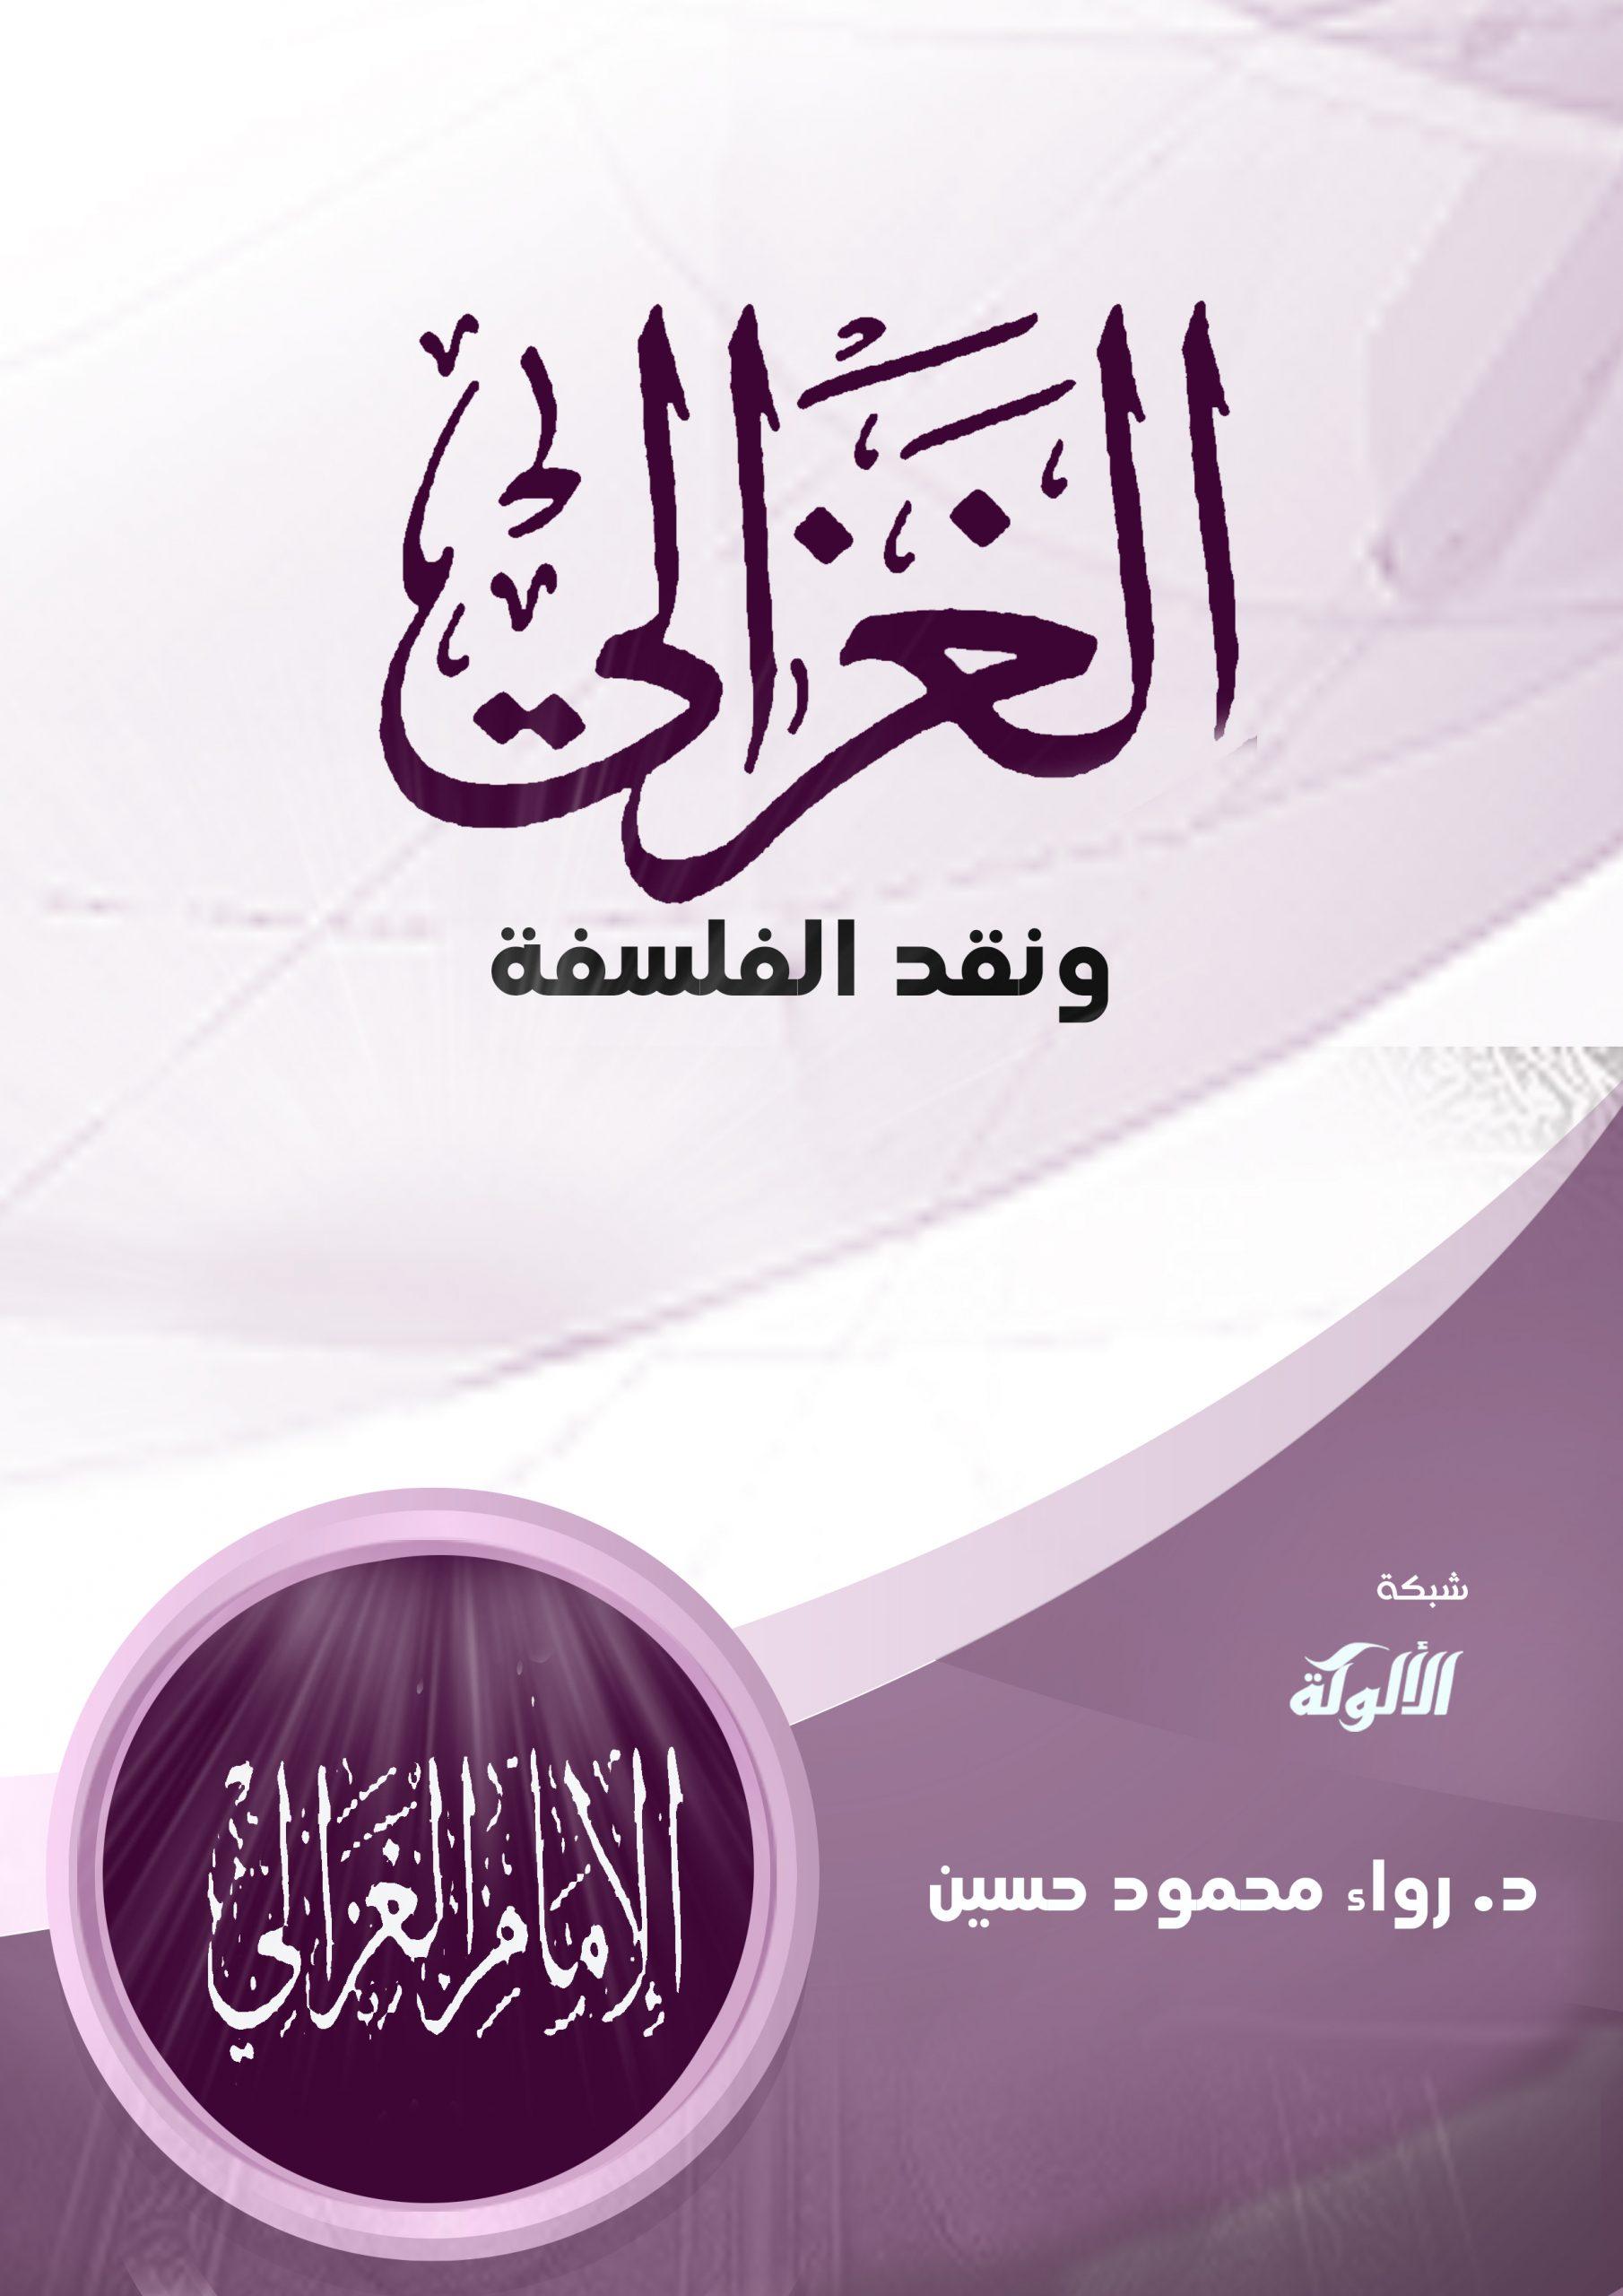 تحميل كتاب الغزالي ونقد الفلسفة pdf رواء محمود حسين